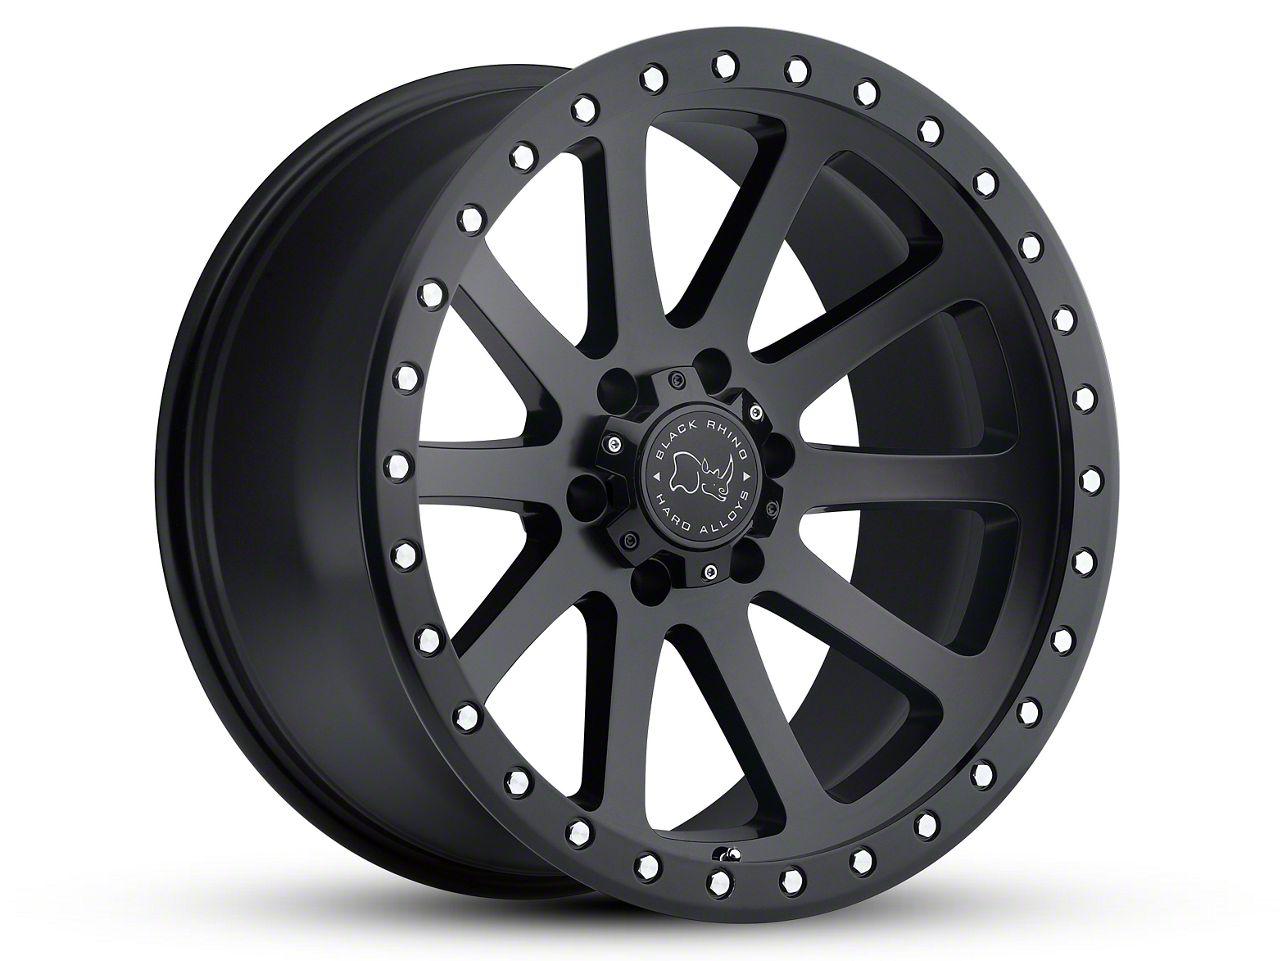 Black Rhino Mint Matte Black 6-Lug Wheel - 20x9 (99-18 Silverado 1500)